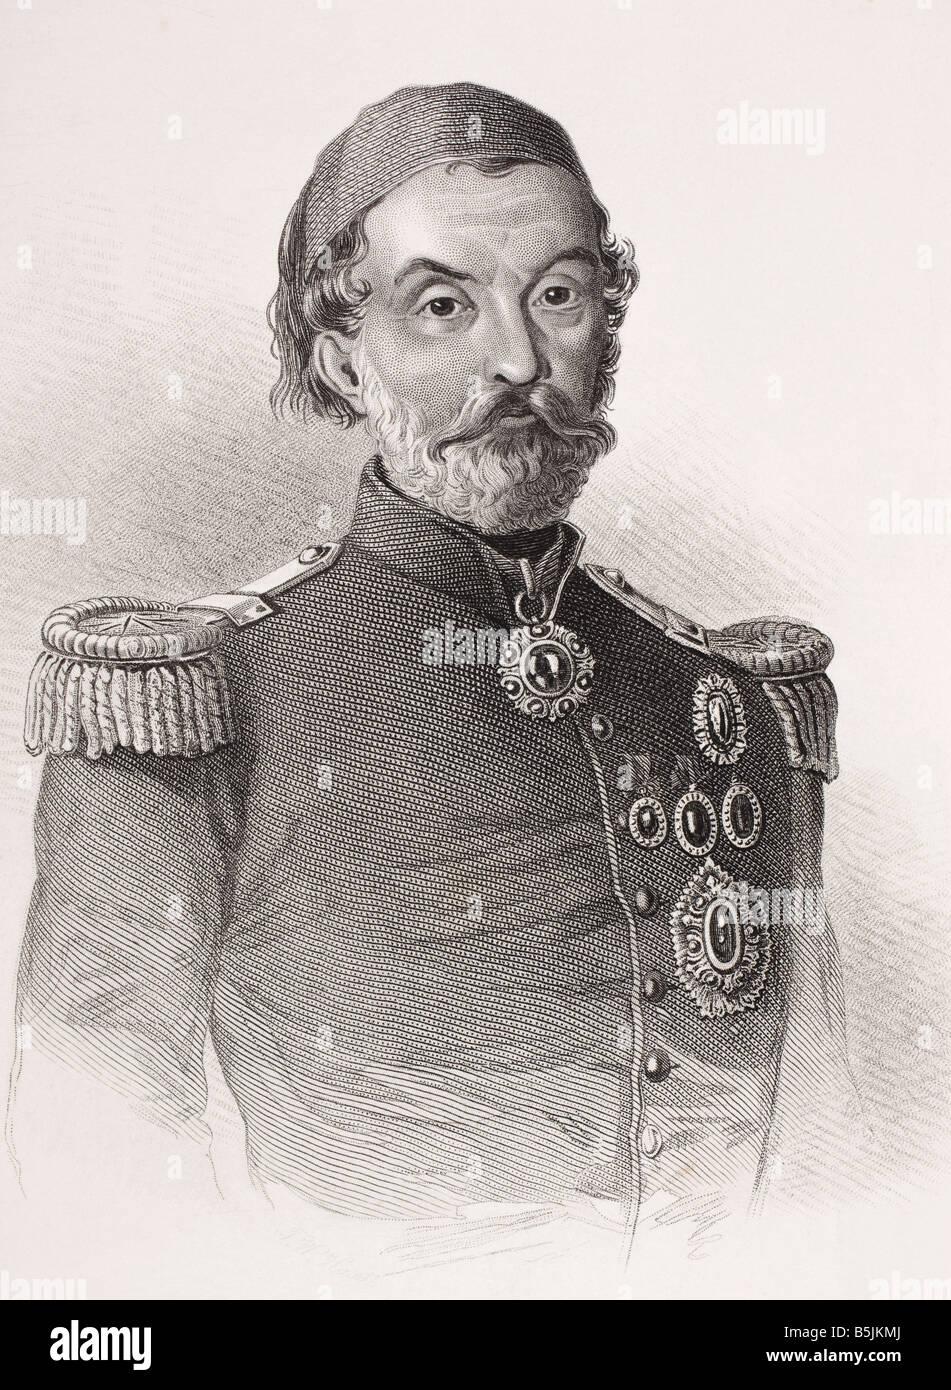 Omar Pasha Latas 1806 1871 Ottoman General - Stock Image